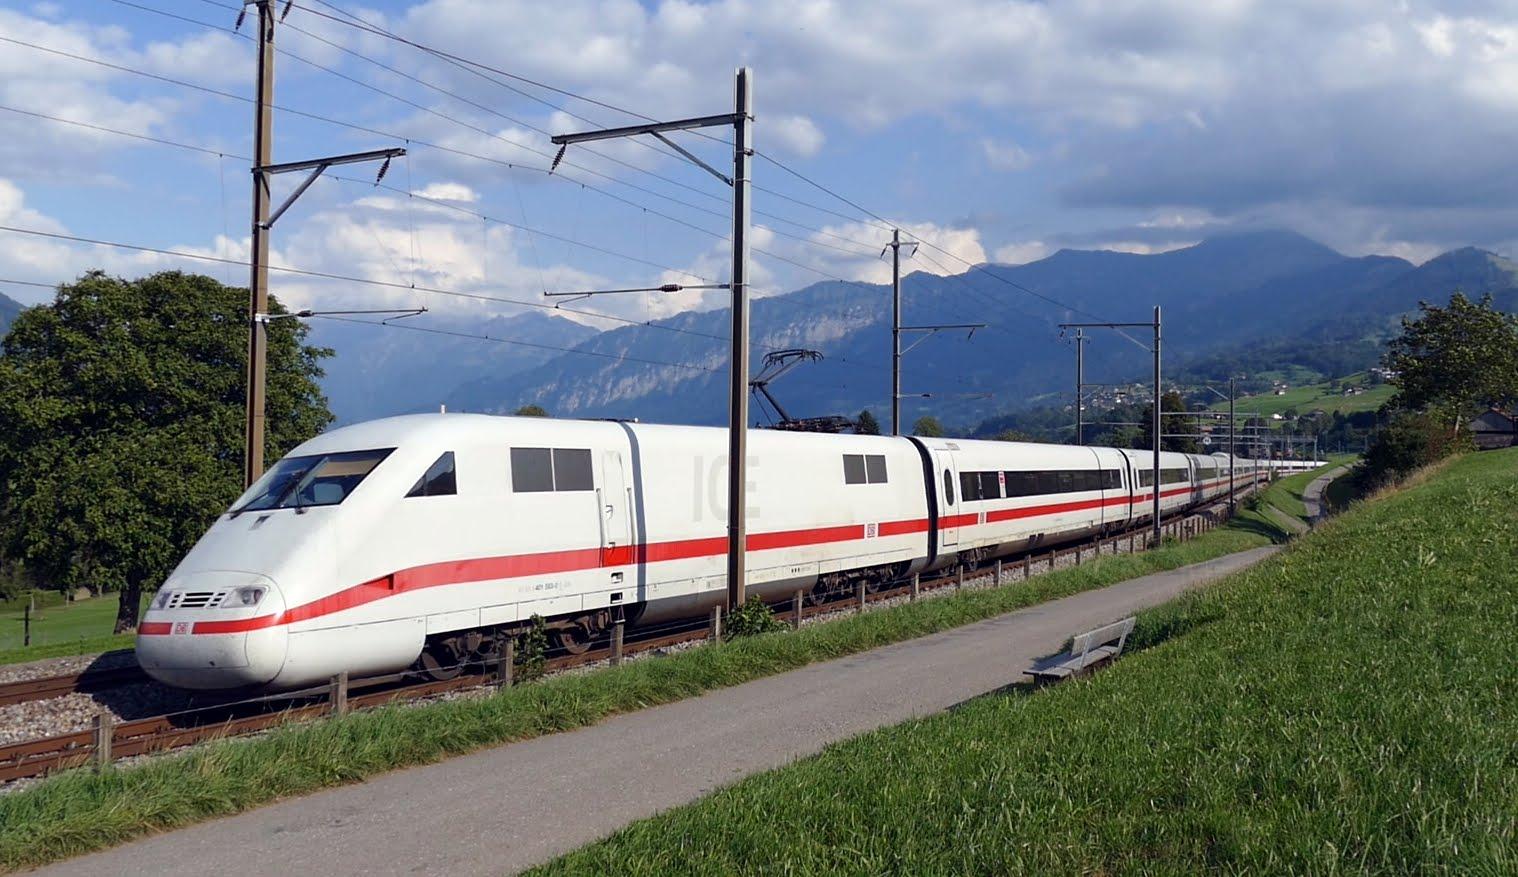 maxresdefault - der Zug